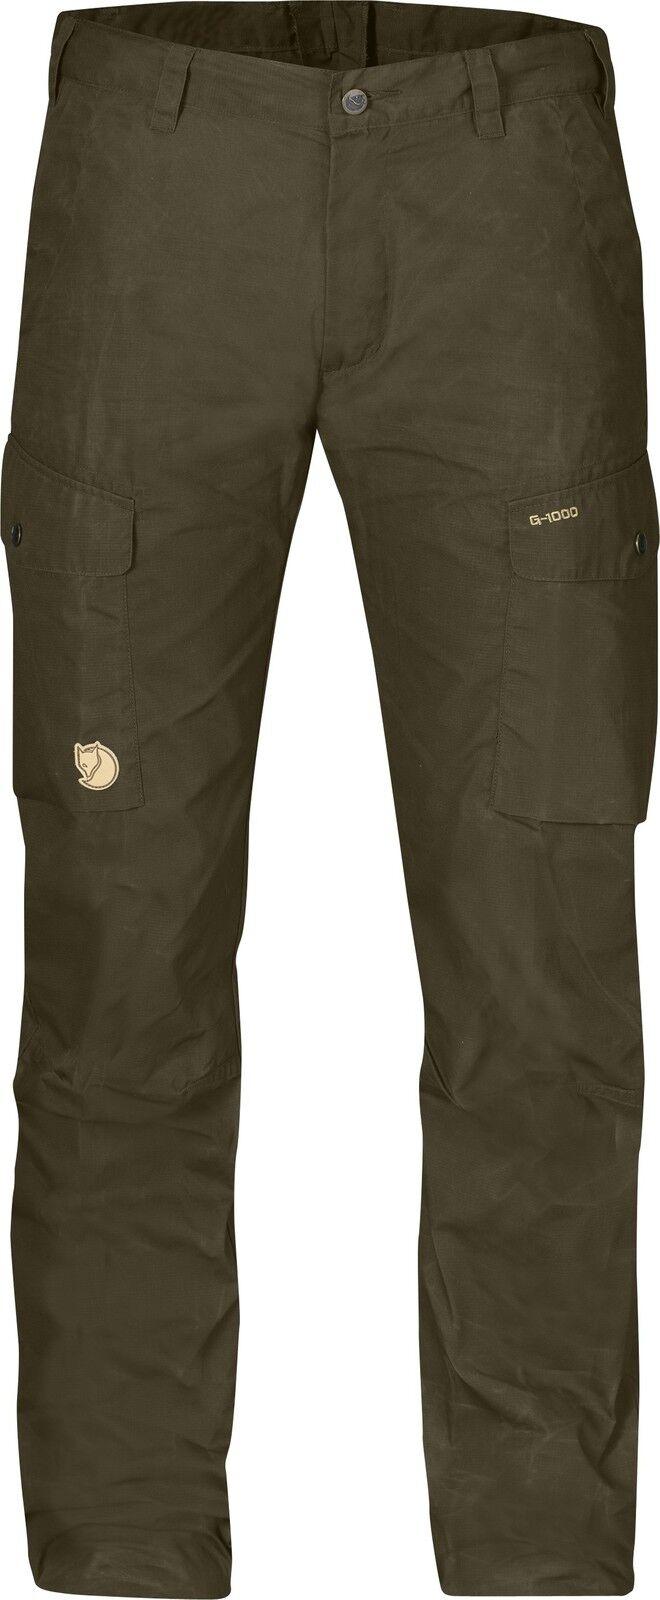 Fjällräven ruaha trs. 81185 Dark verde oliva g-1000 Lite pantalones outdoorhose wanderhose